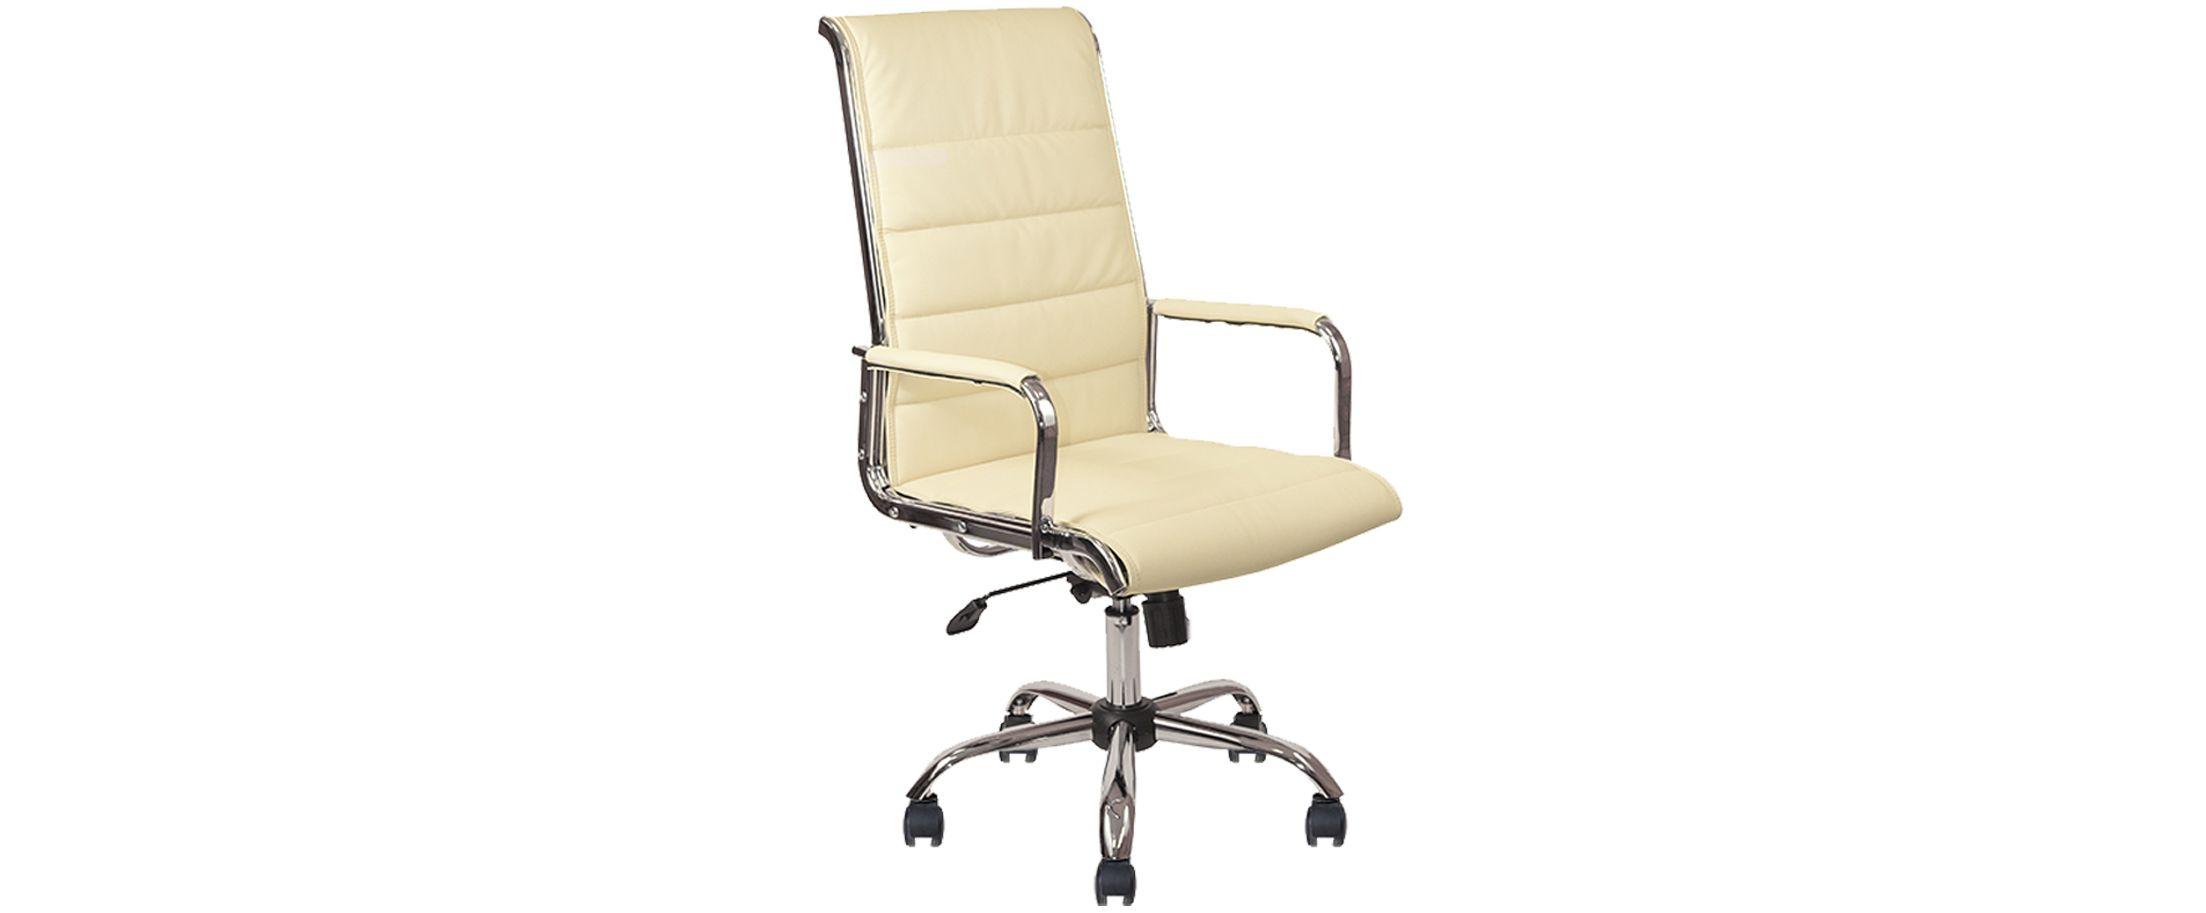 Кресло офисное AV 137 из экокожи цвет слоновая кость Модель 999Кресло офисное AV 137 из экокожи цвет слоновая кость Модель 999. Артикул Д000734<br><br>Ширина см: 50<br>Глубина см: 60<br>Высота см: 120<br>Цвет: Бежевый